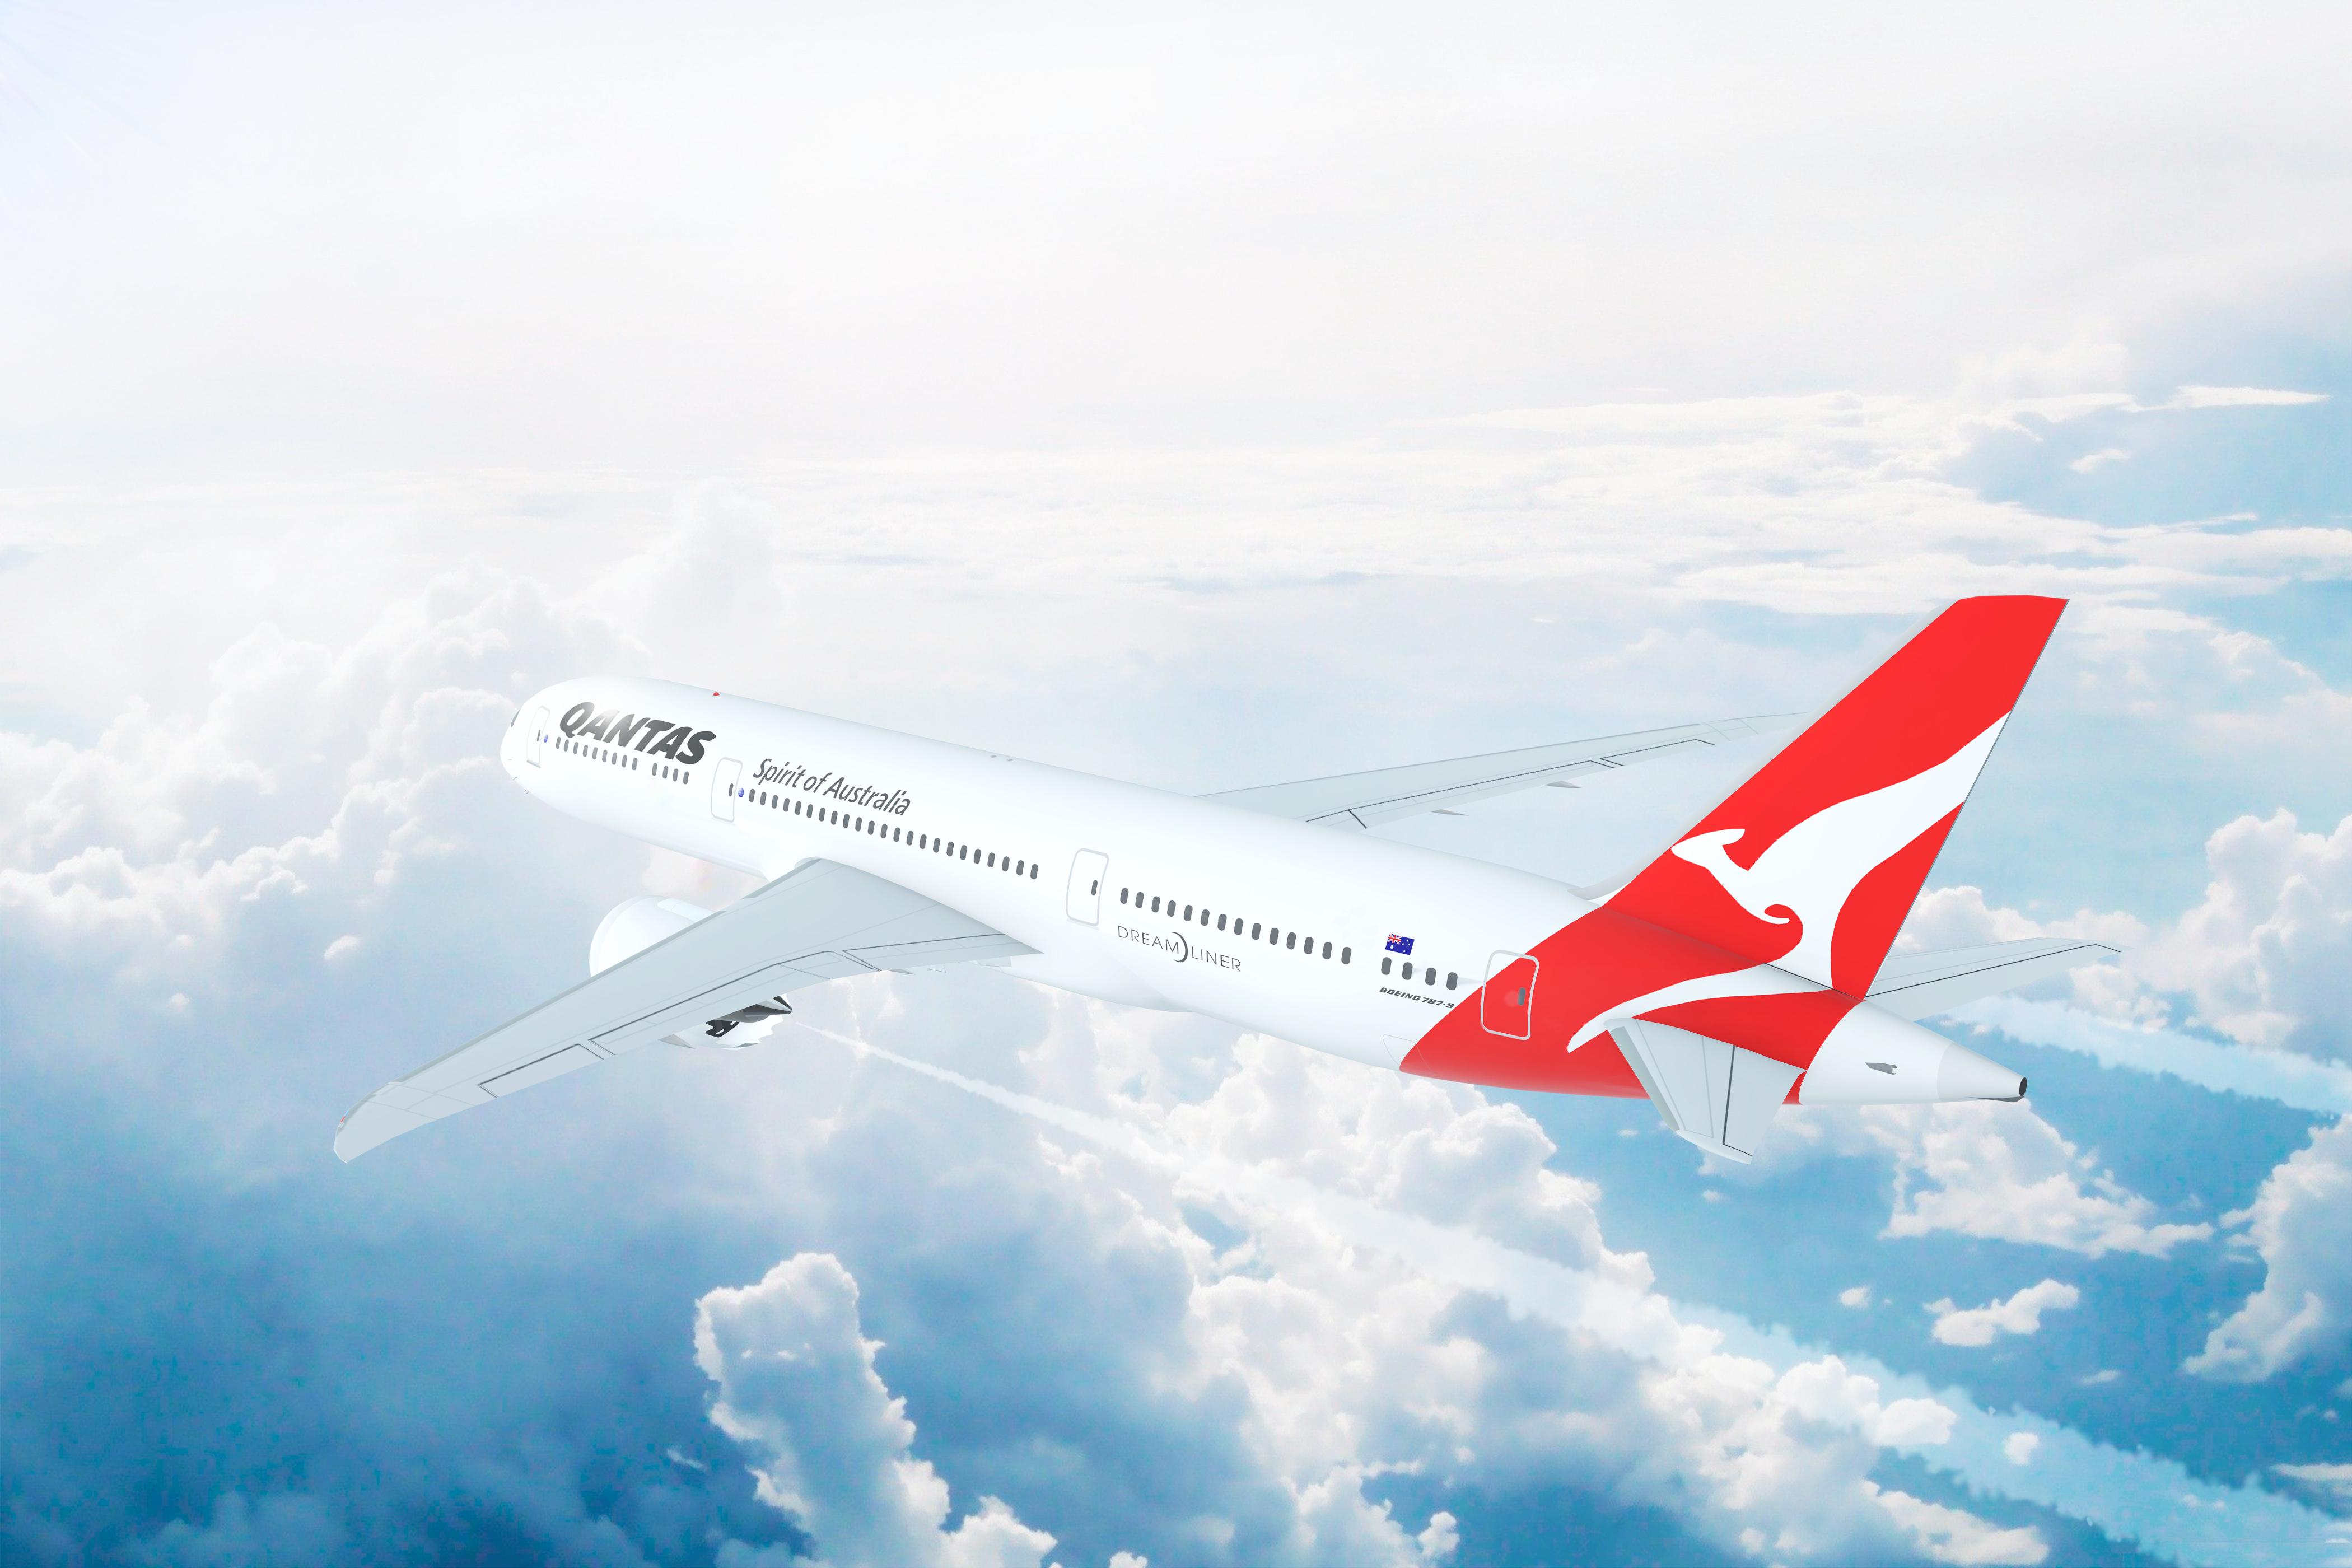 Compania aeriană Qantas concediază 6.000 de angajați din cauza pandemiei de Coronavirus